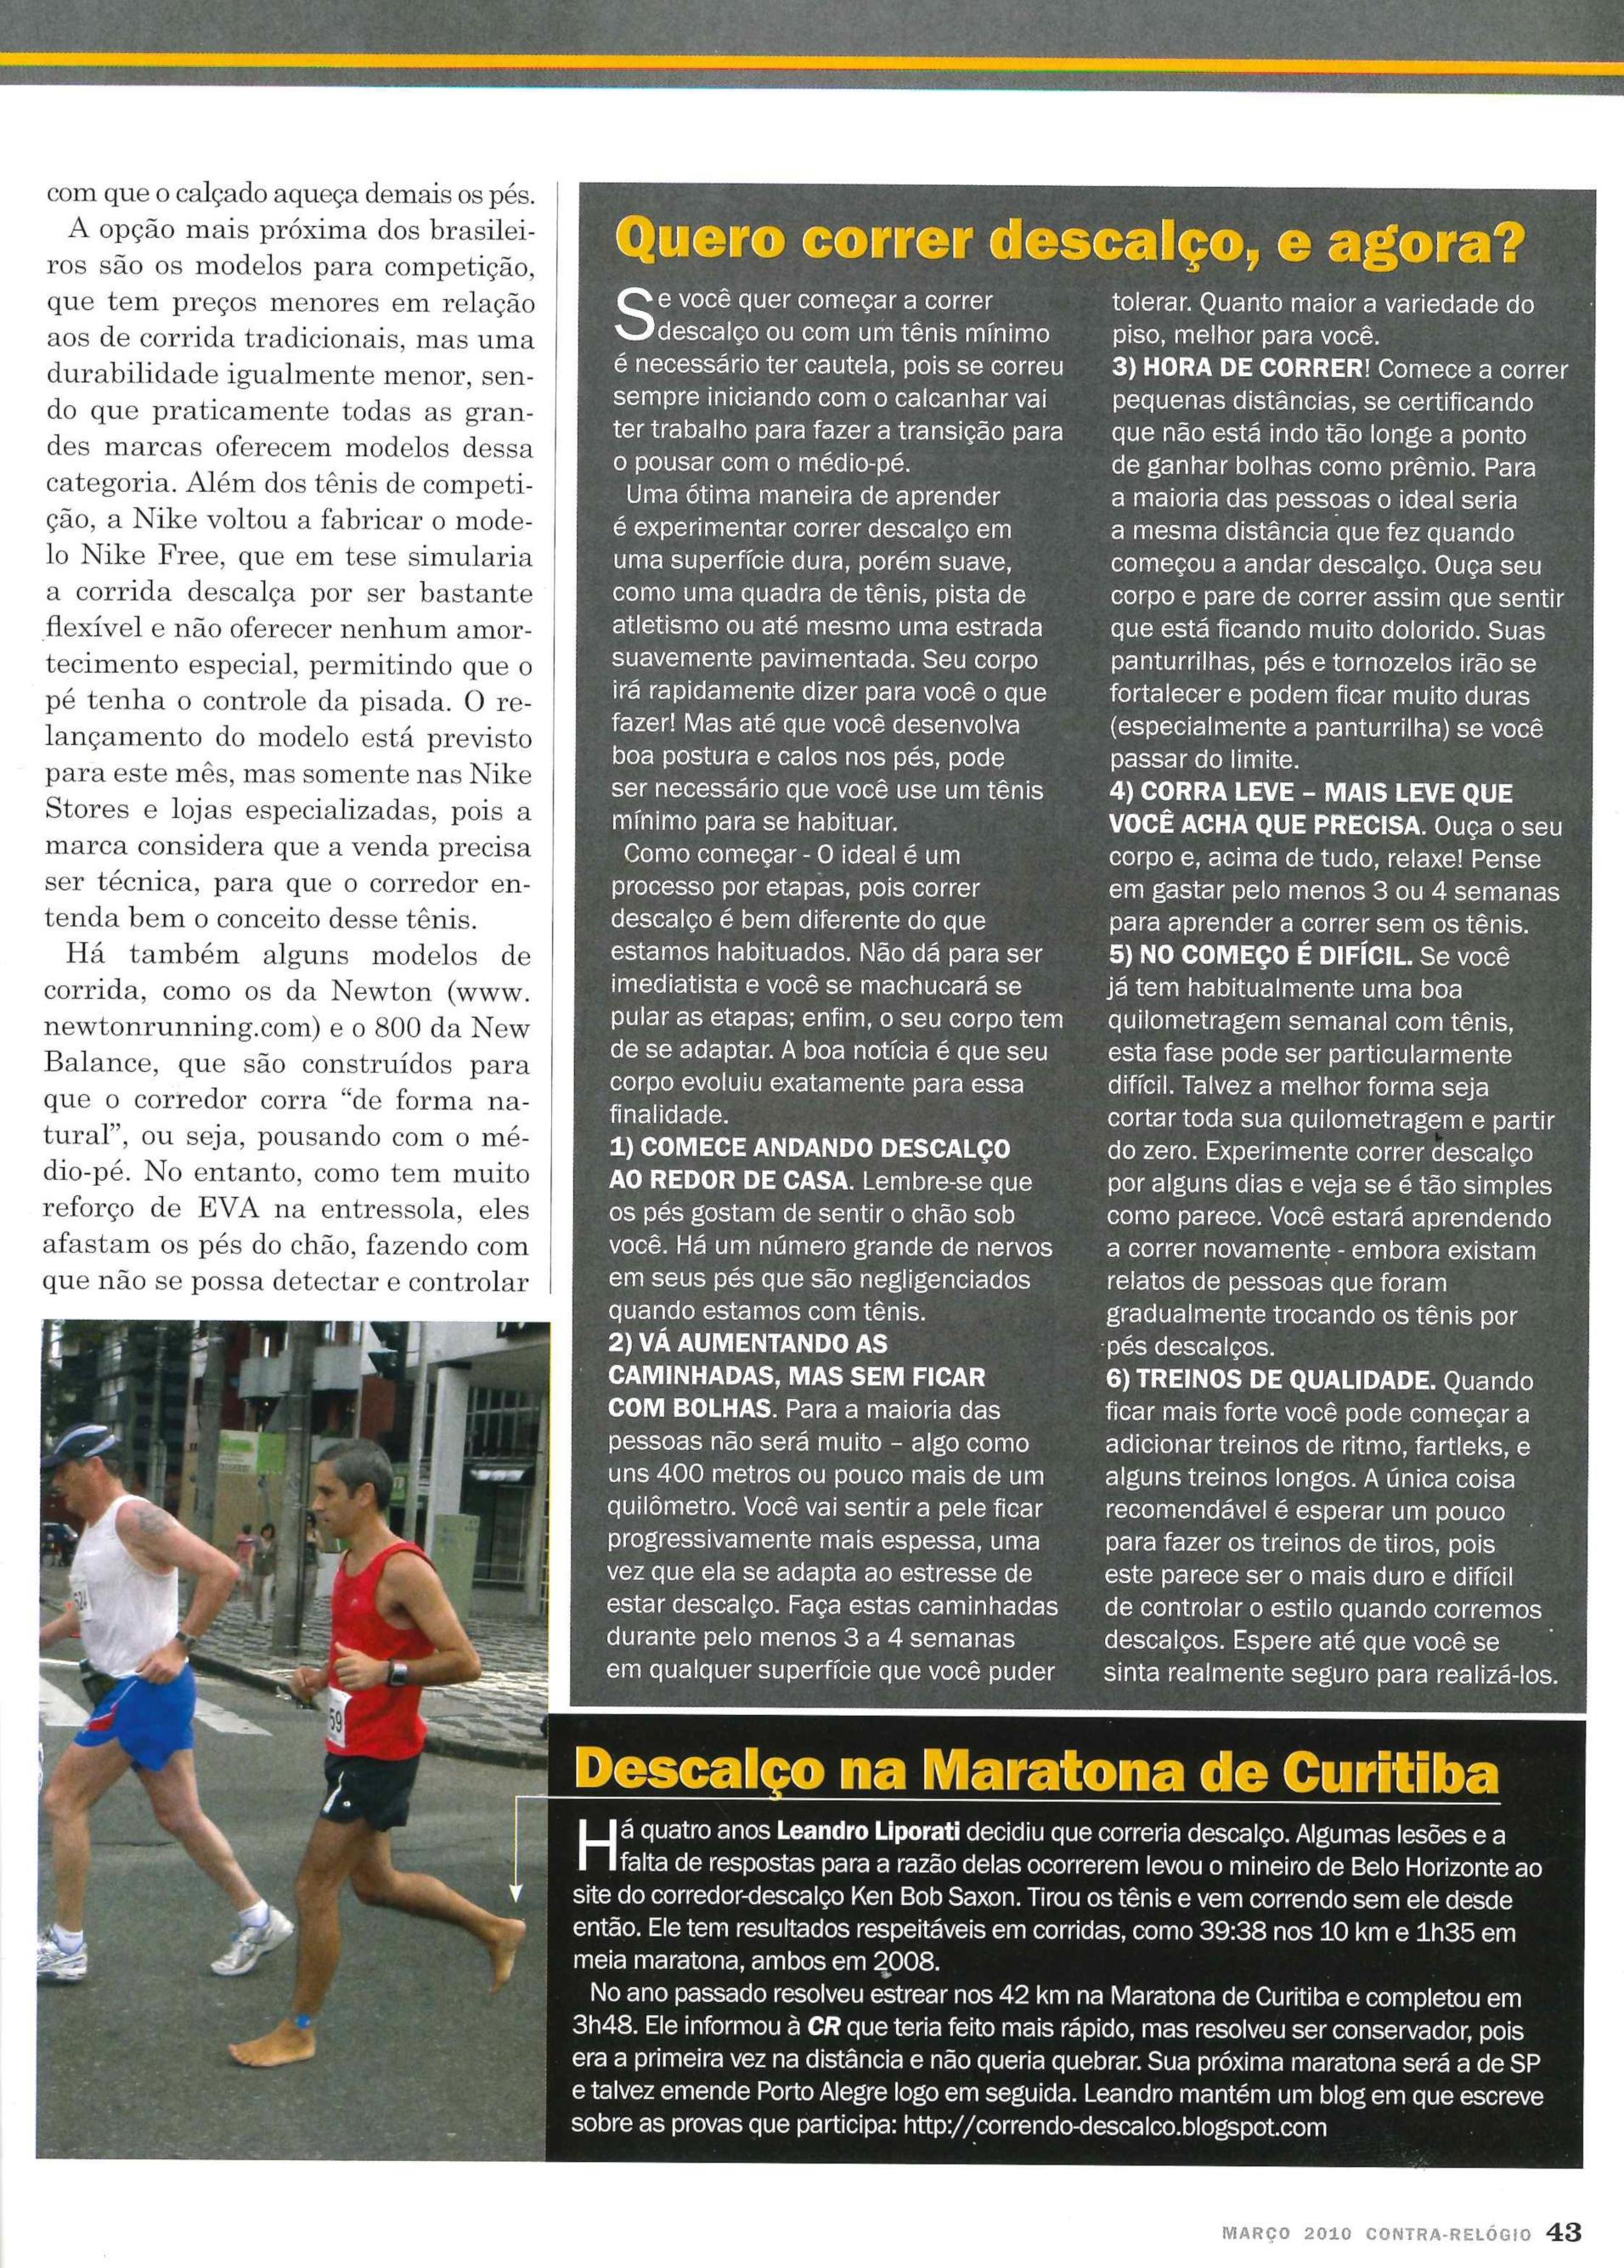 (pág.43) - Leandro Liporati (sic) é destaque